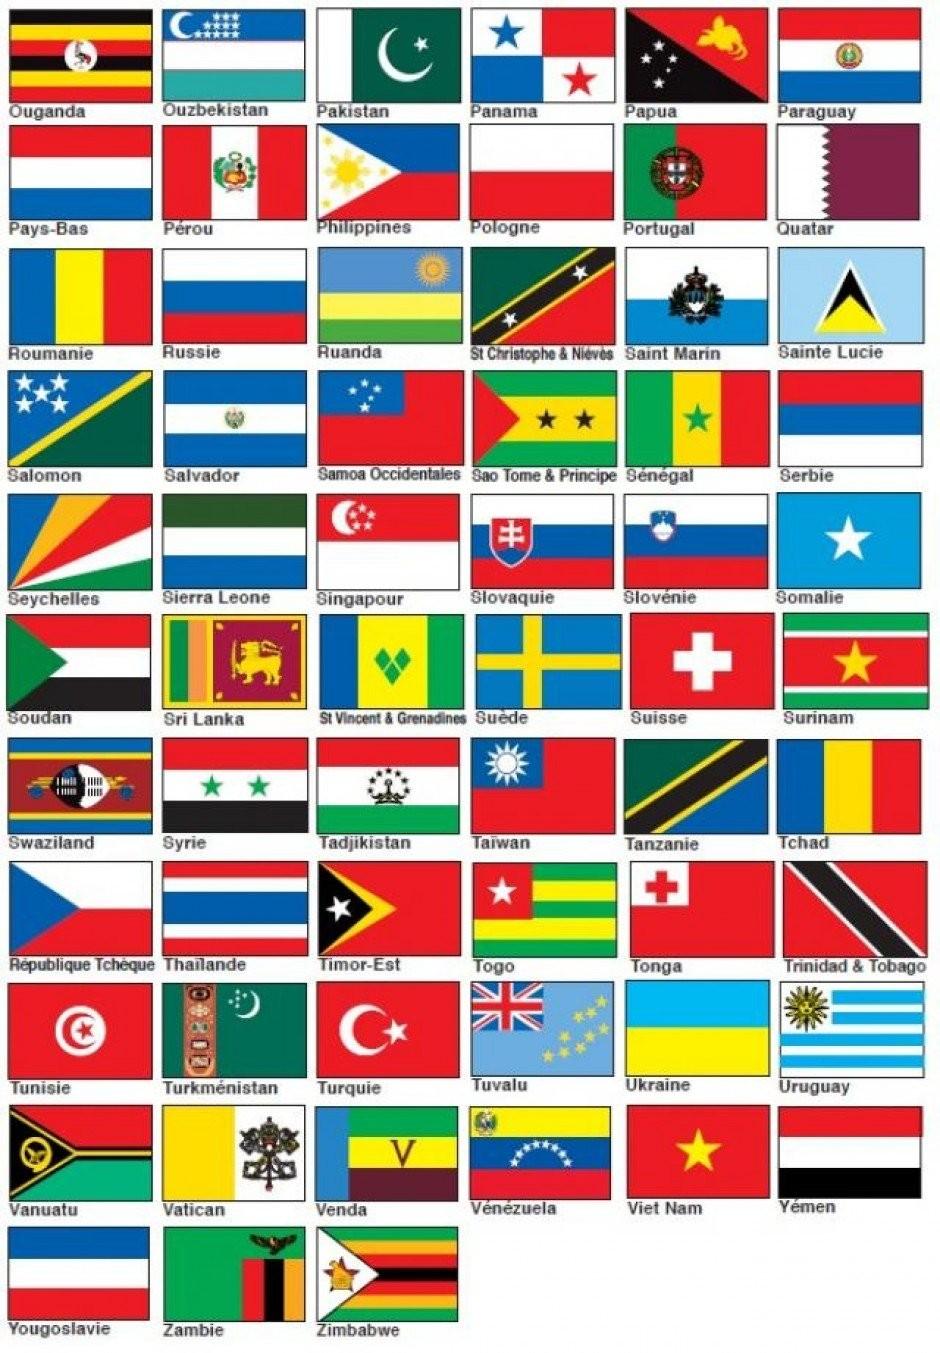 Les drapeaux qui se ressemblent. - (4)